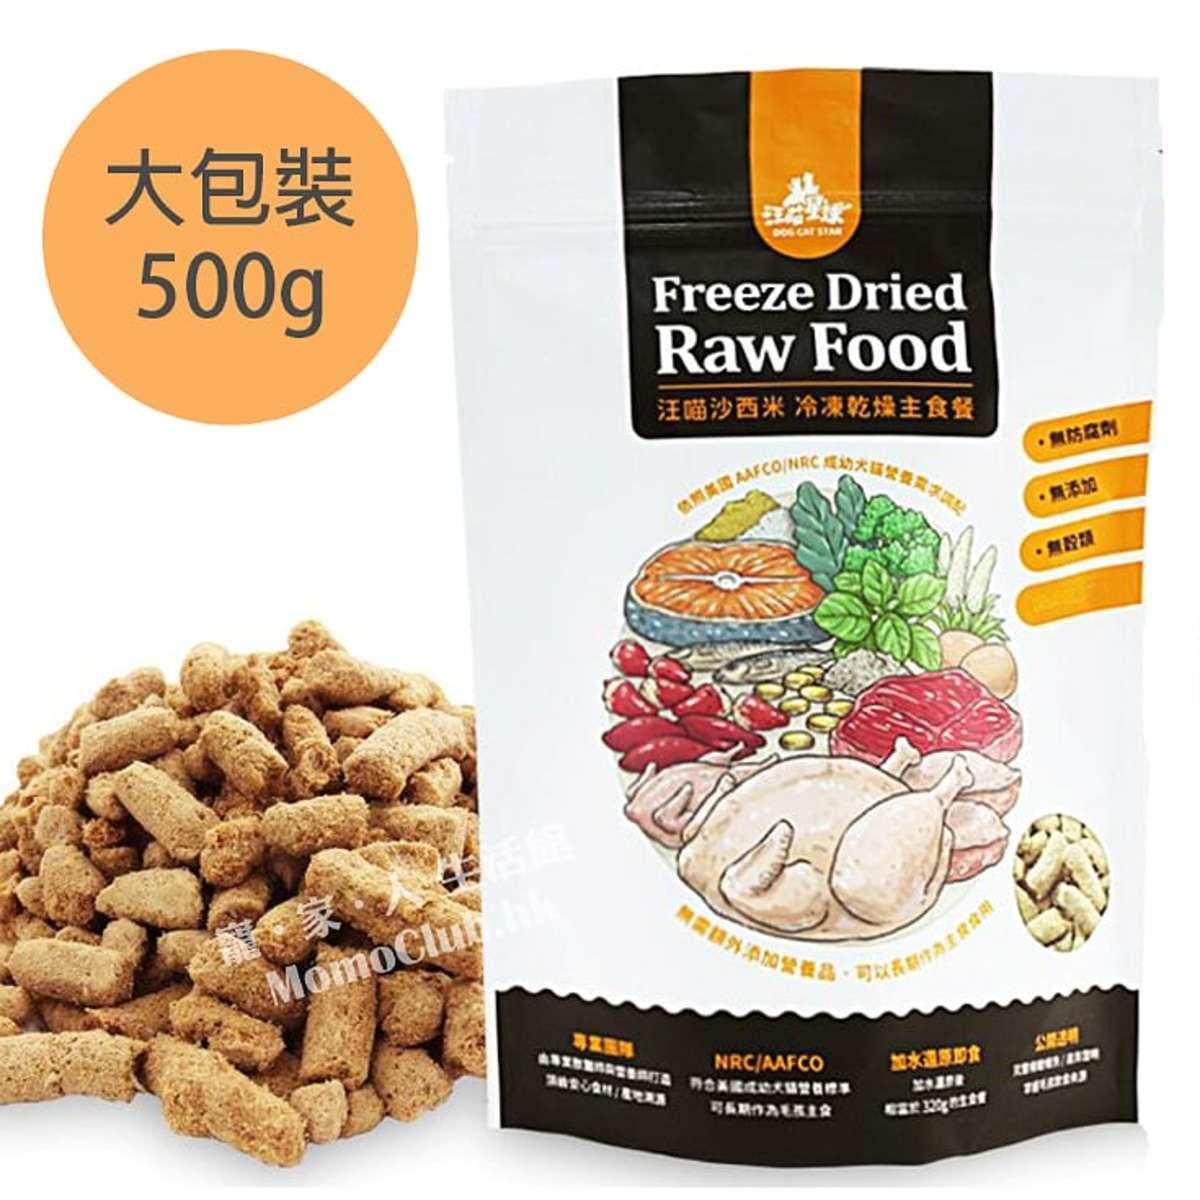 貓咪冷凍乾燥生食餐 (野鵪鶉) 500g